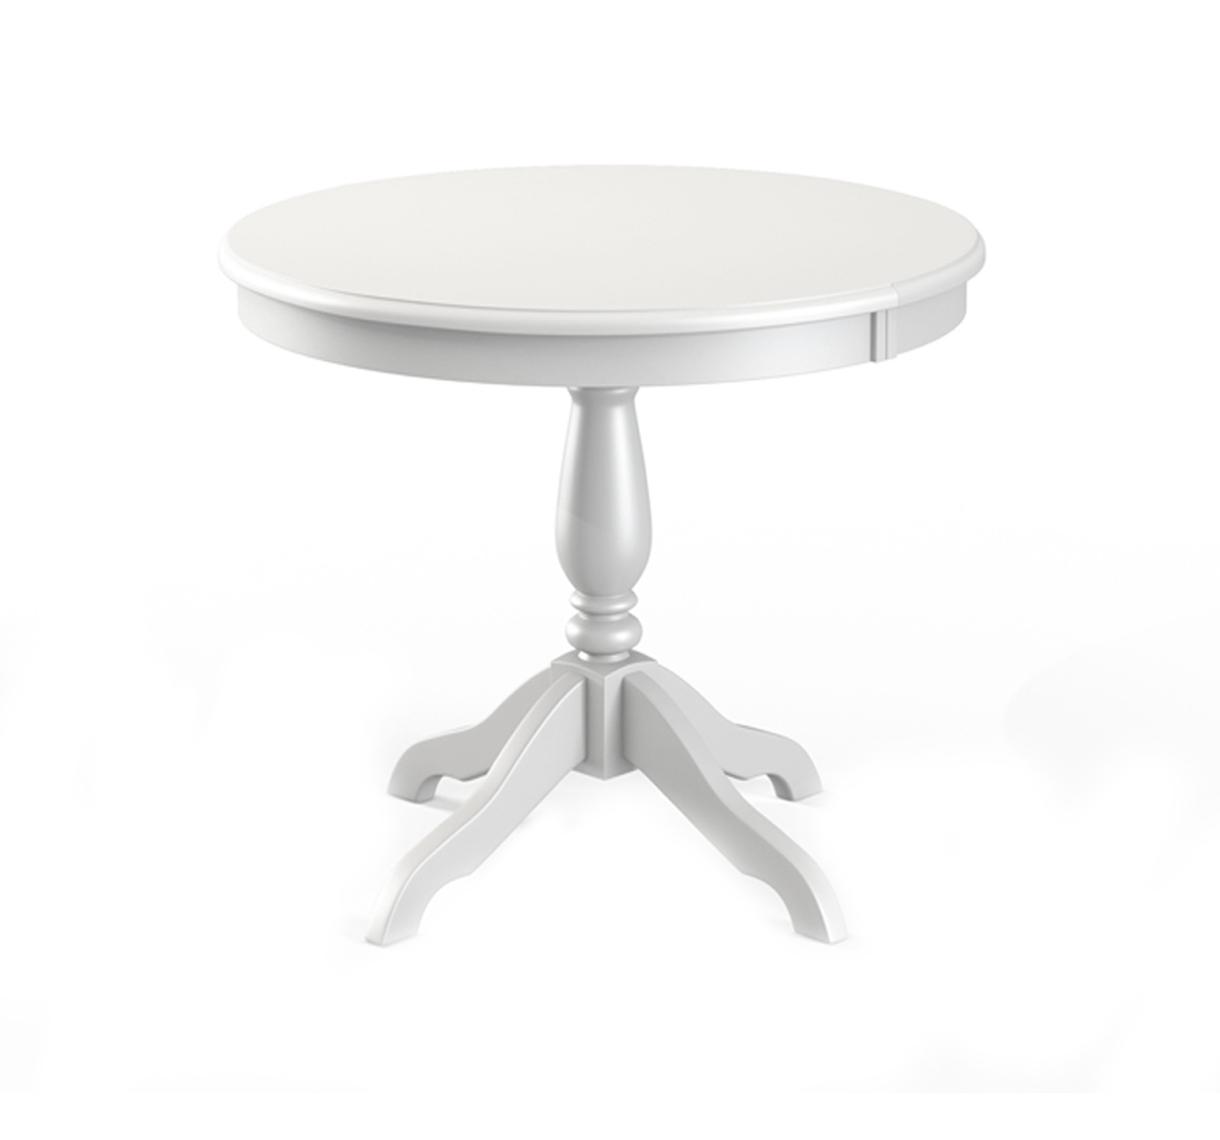 Стол обеденный МедведьОбеденные столы<br>Размер: 85х85х75<br><br>Материалы: Массив березы, столешница - шпон дуба<br>Полный размер (ДхГхВ): 85х85х75<br>Вес товара (кг): 38<br>Цвет: Слоновая кость, белая эмаль, вишня, дуб<br>Изготовление и доставка: 2-3 дня<br>Условия доставки: Бесплатная по Москве до подъезда<br>Условие оплаты: Оплата наличными при получении товара<br>Доставка по МО (за пределами МКАД): 30 руб./км<br>Подъем на грузовом лифте: 700 руб.<br>Гарантия: 12 месяцев<br>Производство: Россия<br>Производитель: Логарт (Дик)